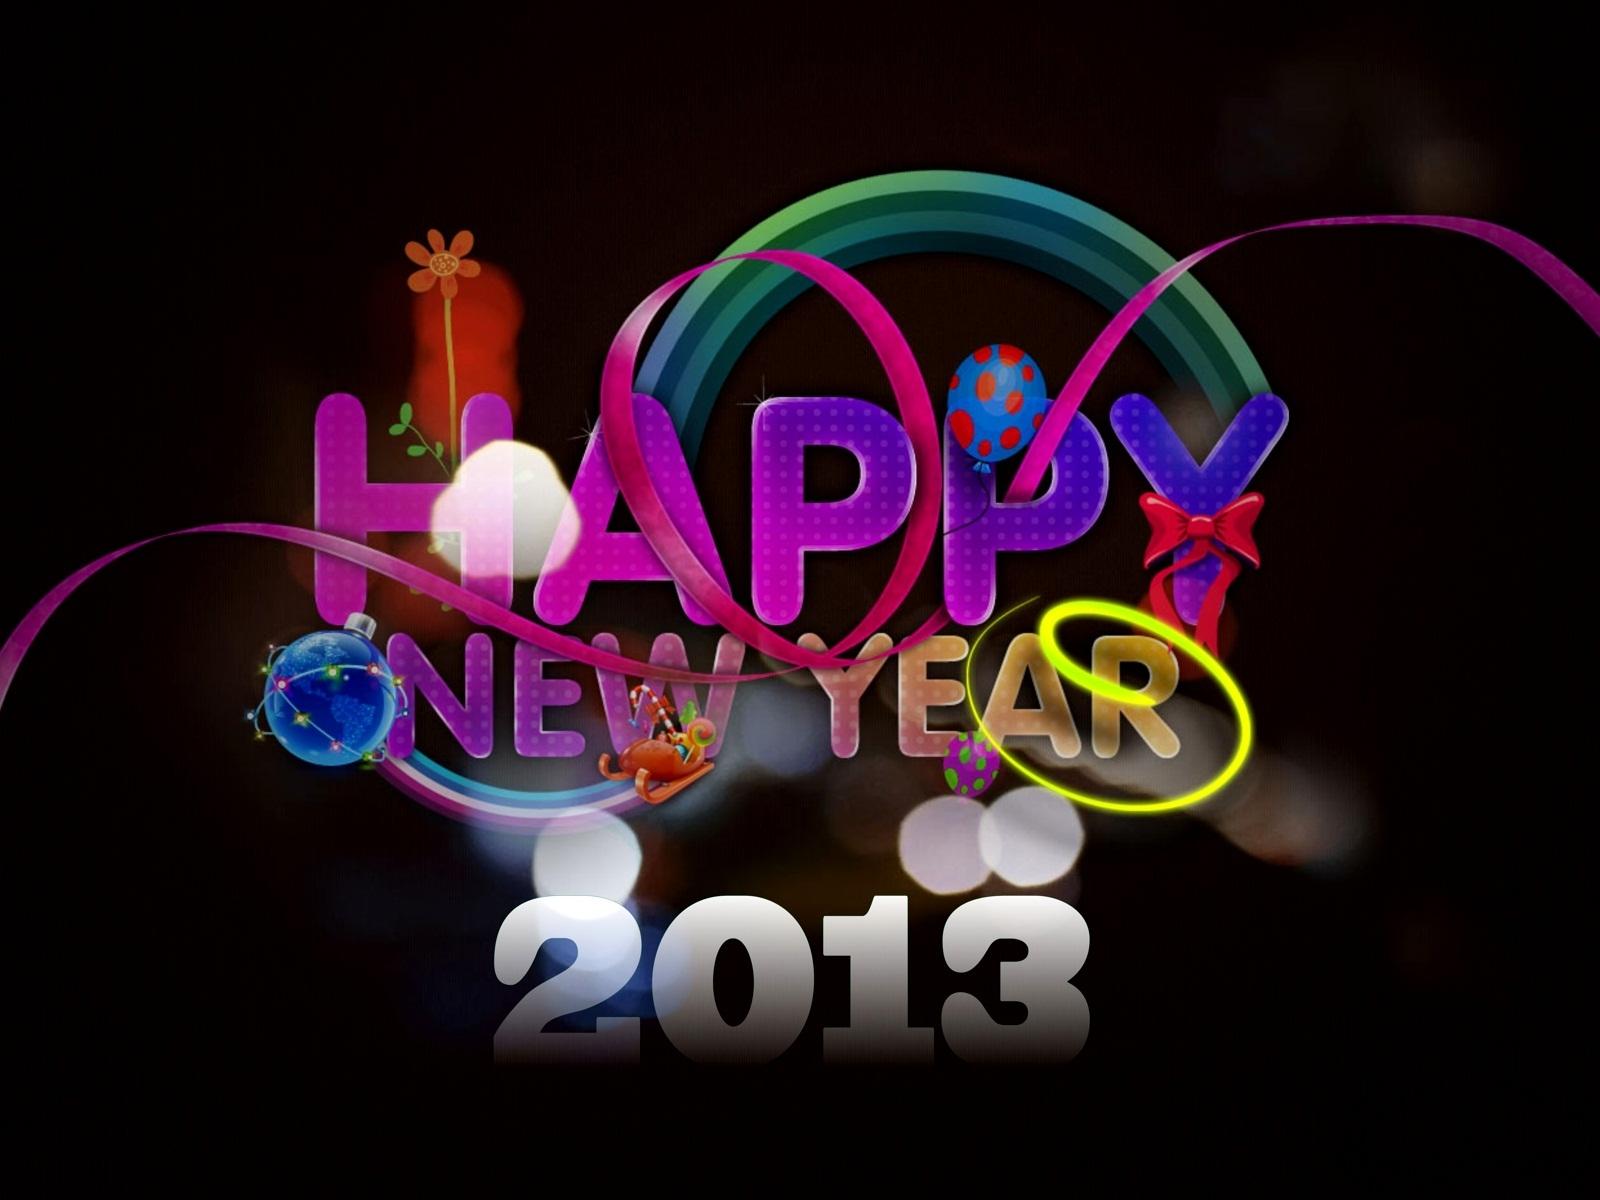 http://1.bp.blogspot.com/-WrBY_l-oIBk/UM7B89bVLeI/AAAAAAAA78A/f-bi5iiUI04/s1600/hinh+nen+do+phan+giai+cao+2013+%281%29.jpg